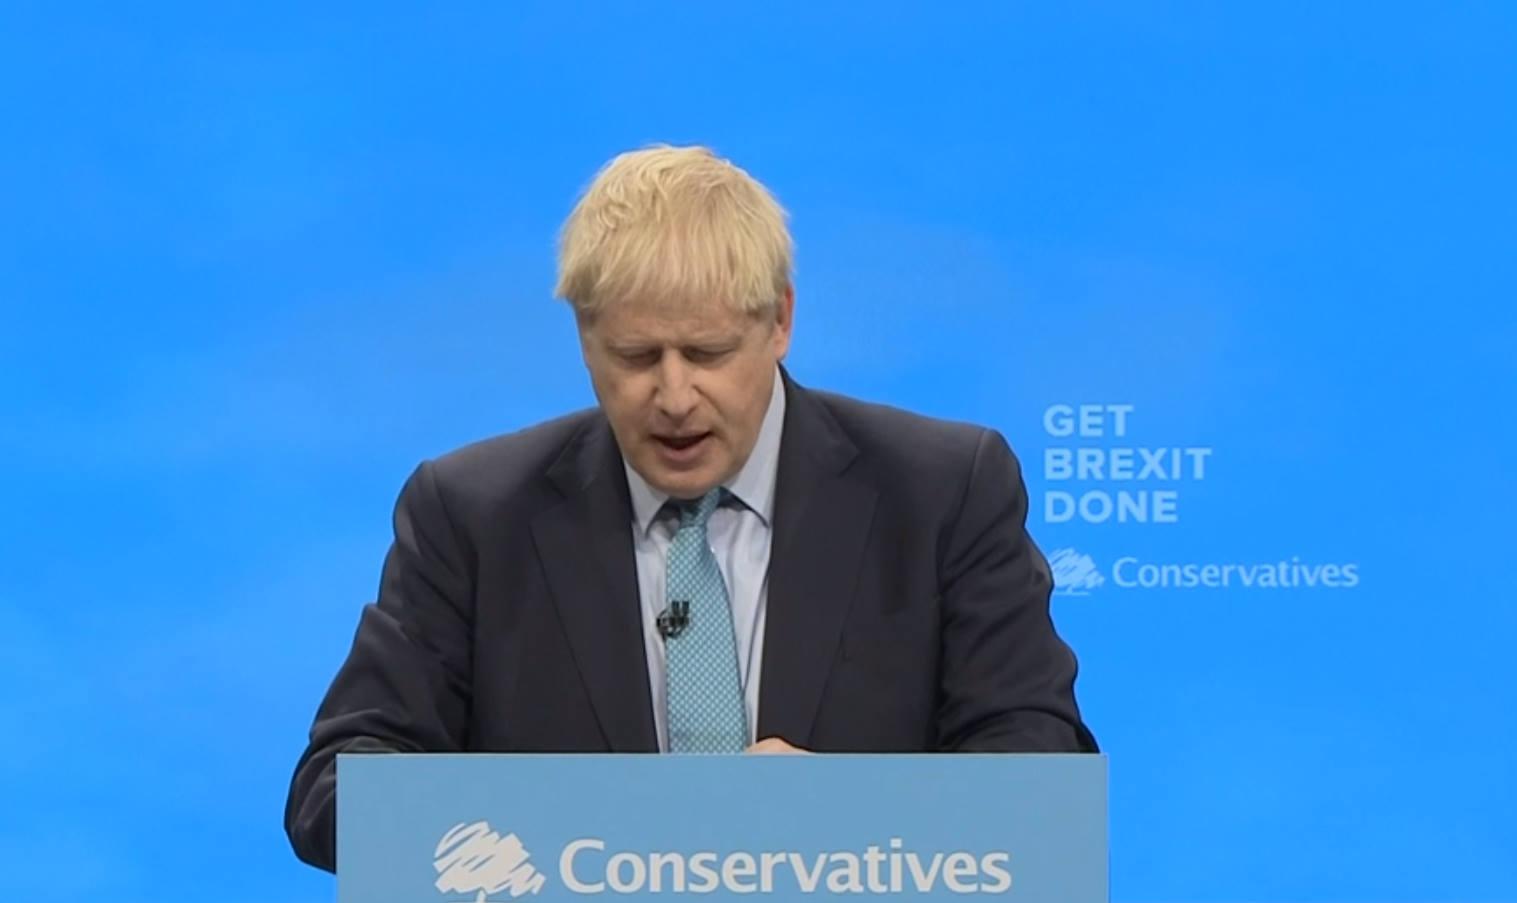 Il piano Brexit annunciato da Johnson al congresso Tory? Uscire dall'Ue senza un accordo